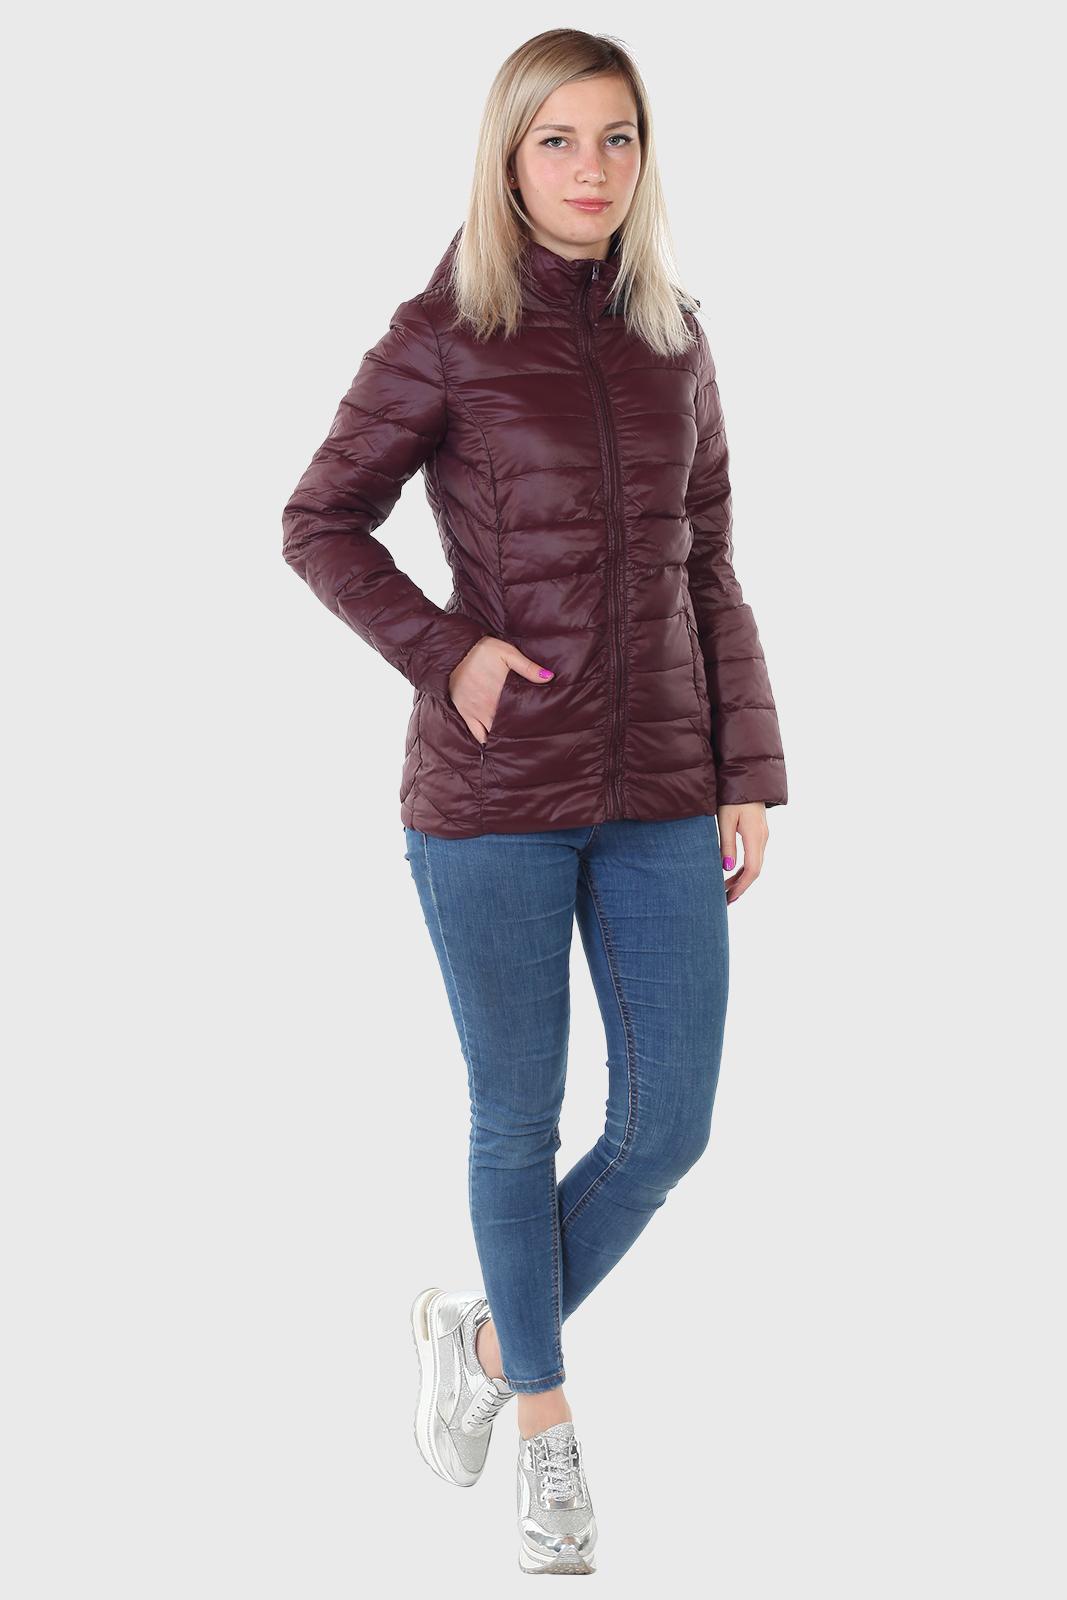 Недорогие куртки и другая женская одежда